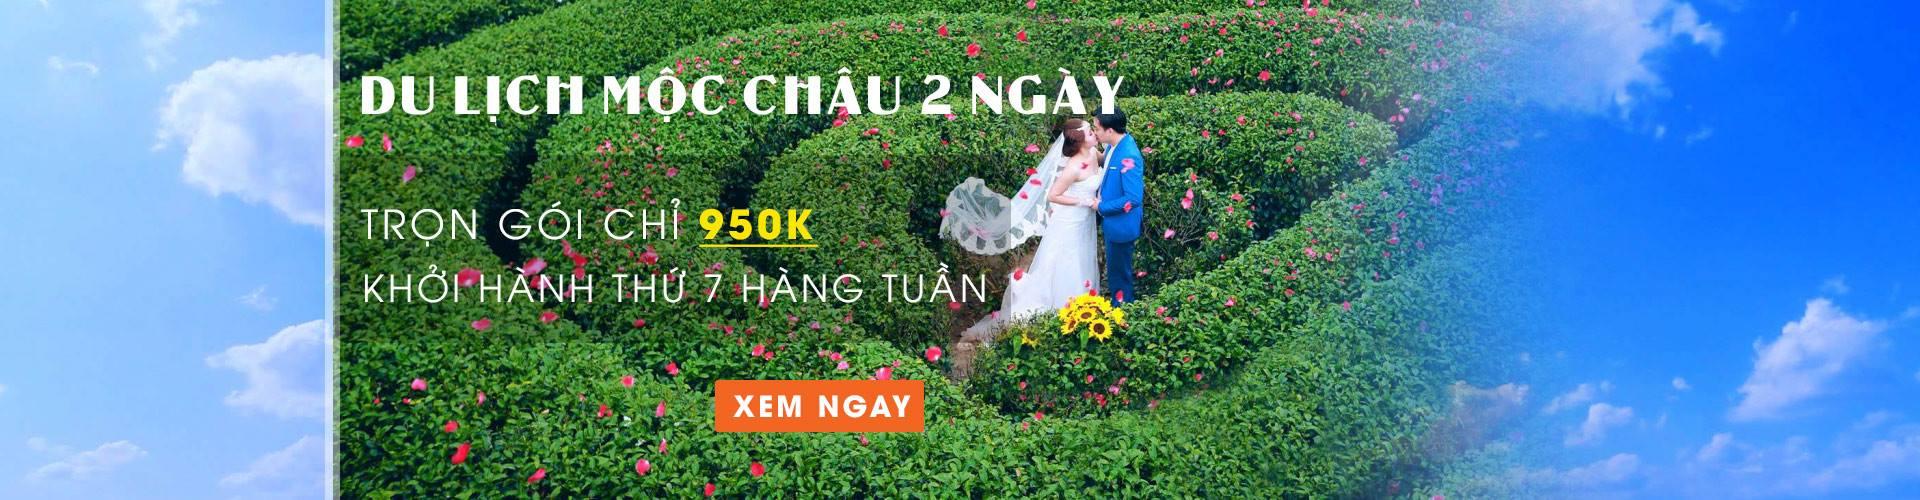 Du lịch Hà Giang 3 ngày giá khuyến mãi